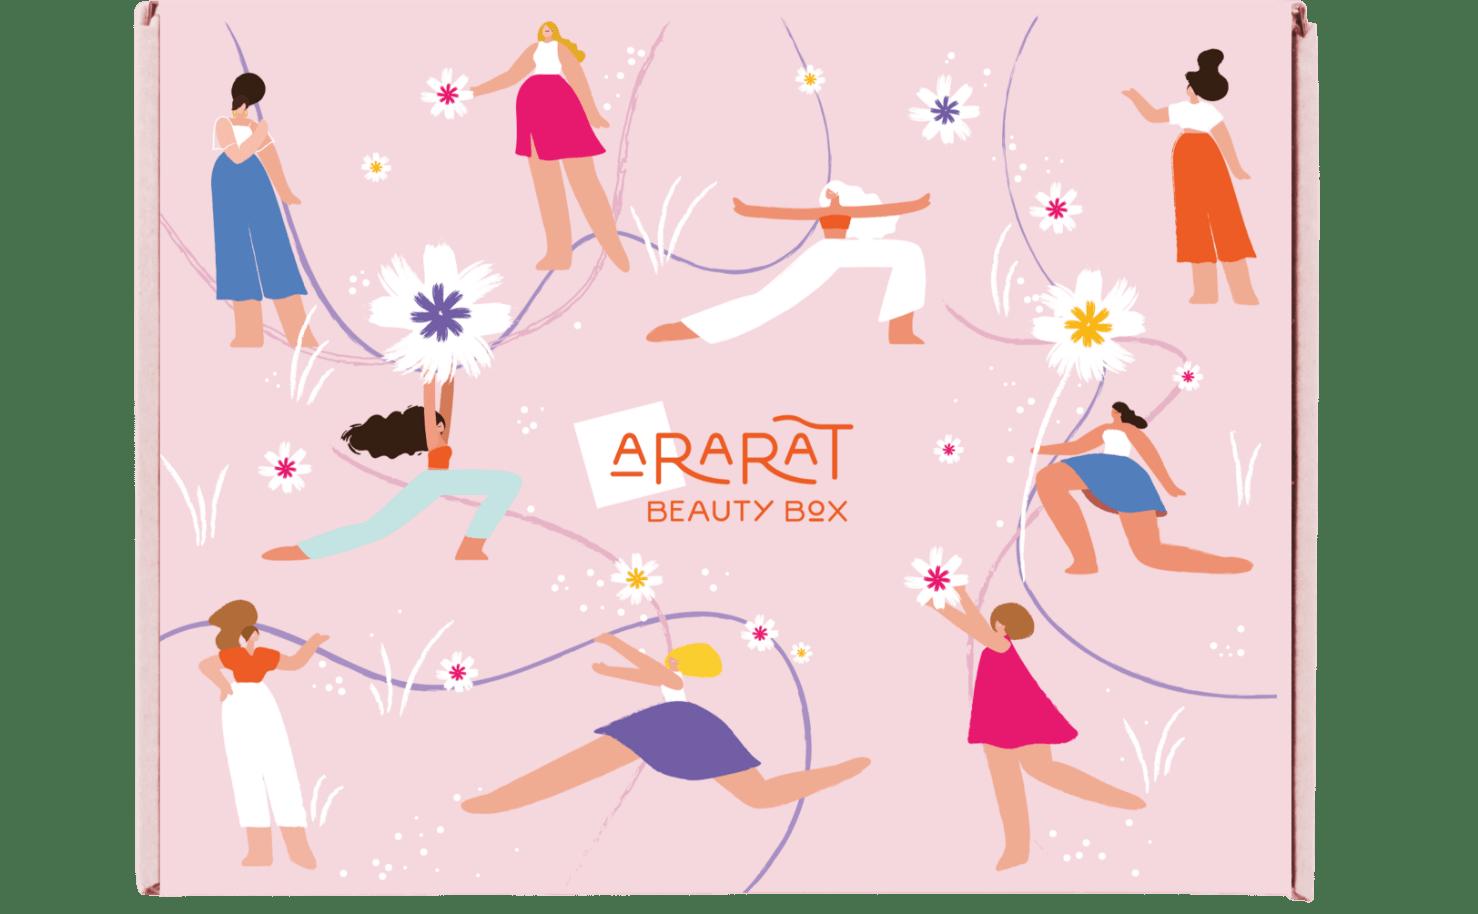 Araratbox